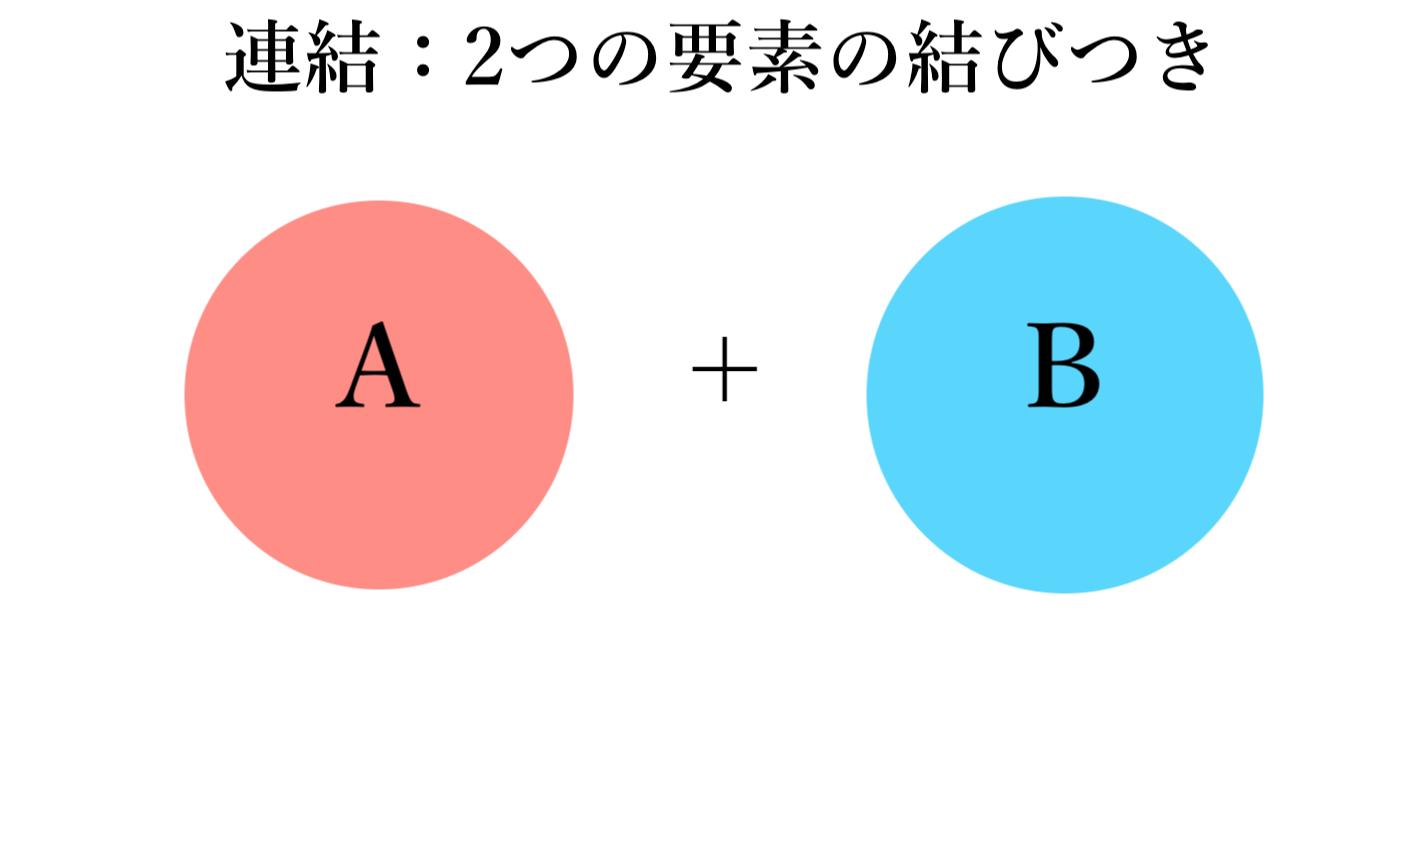 「連結」概念図(自作)